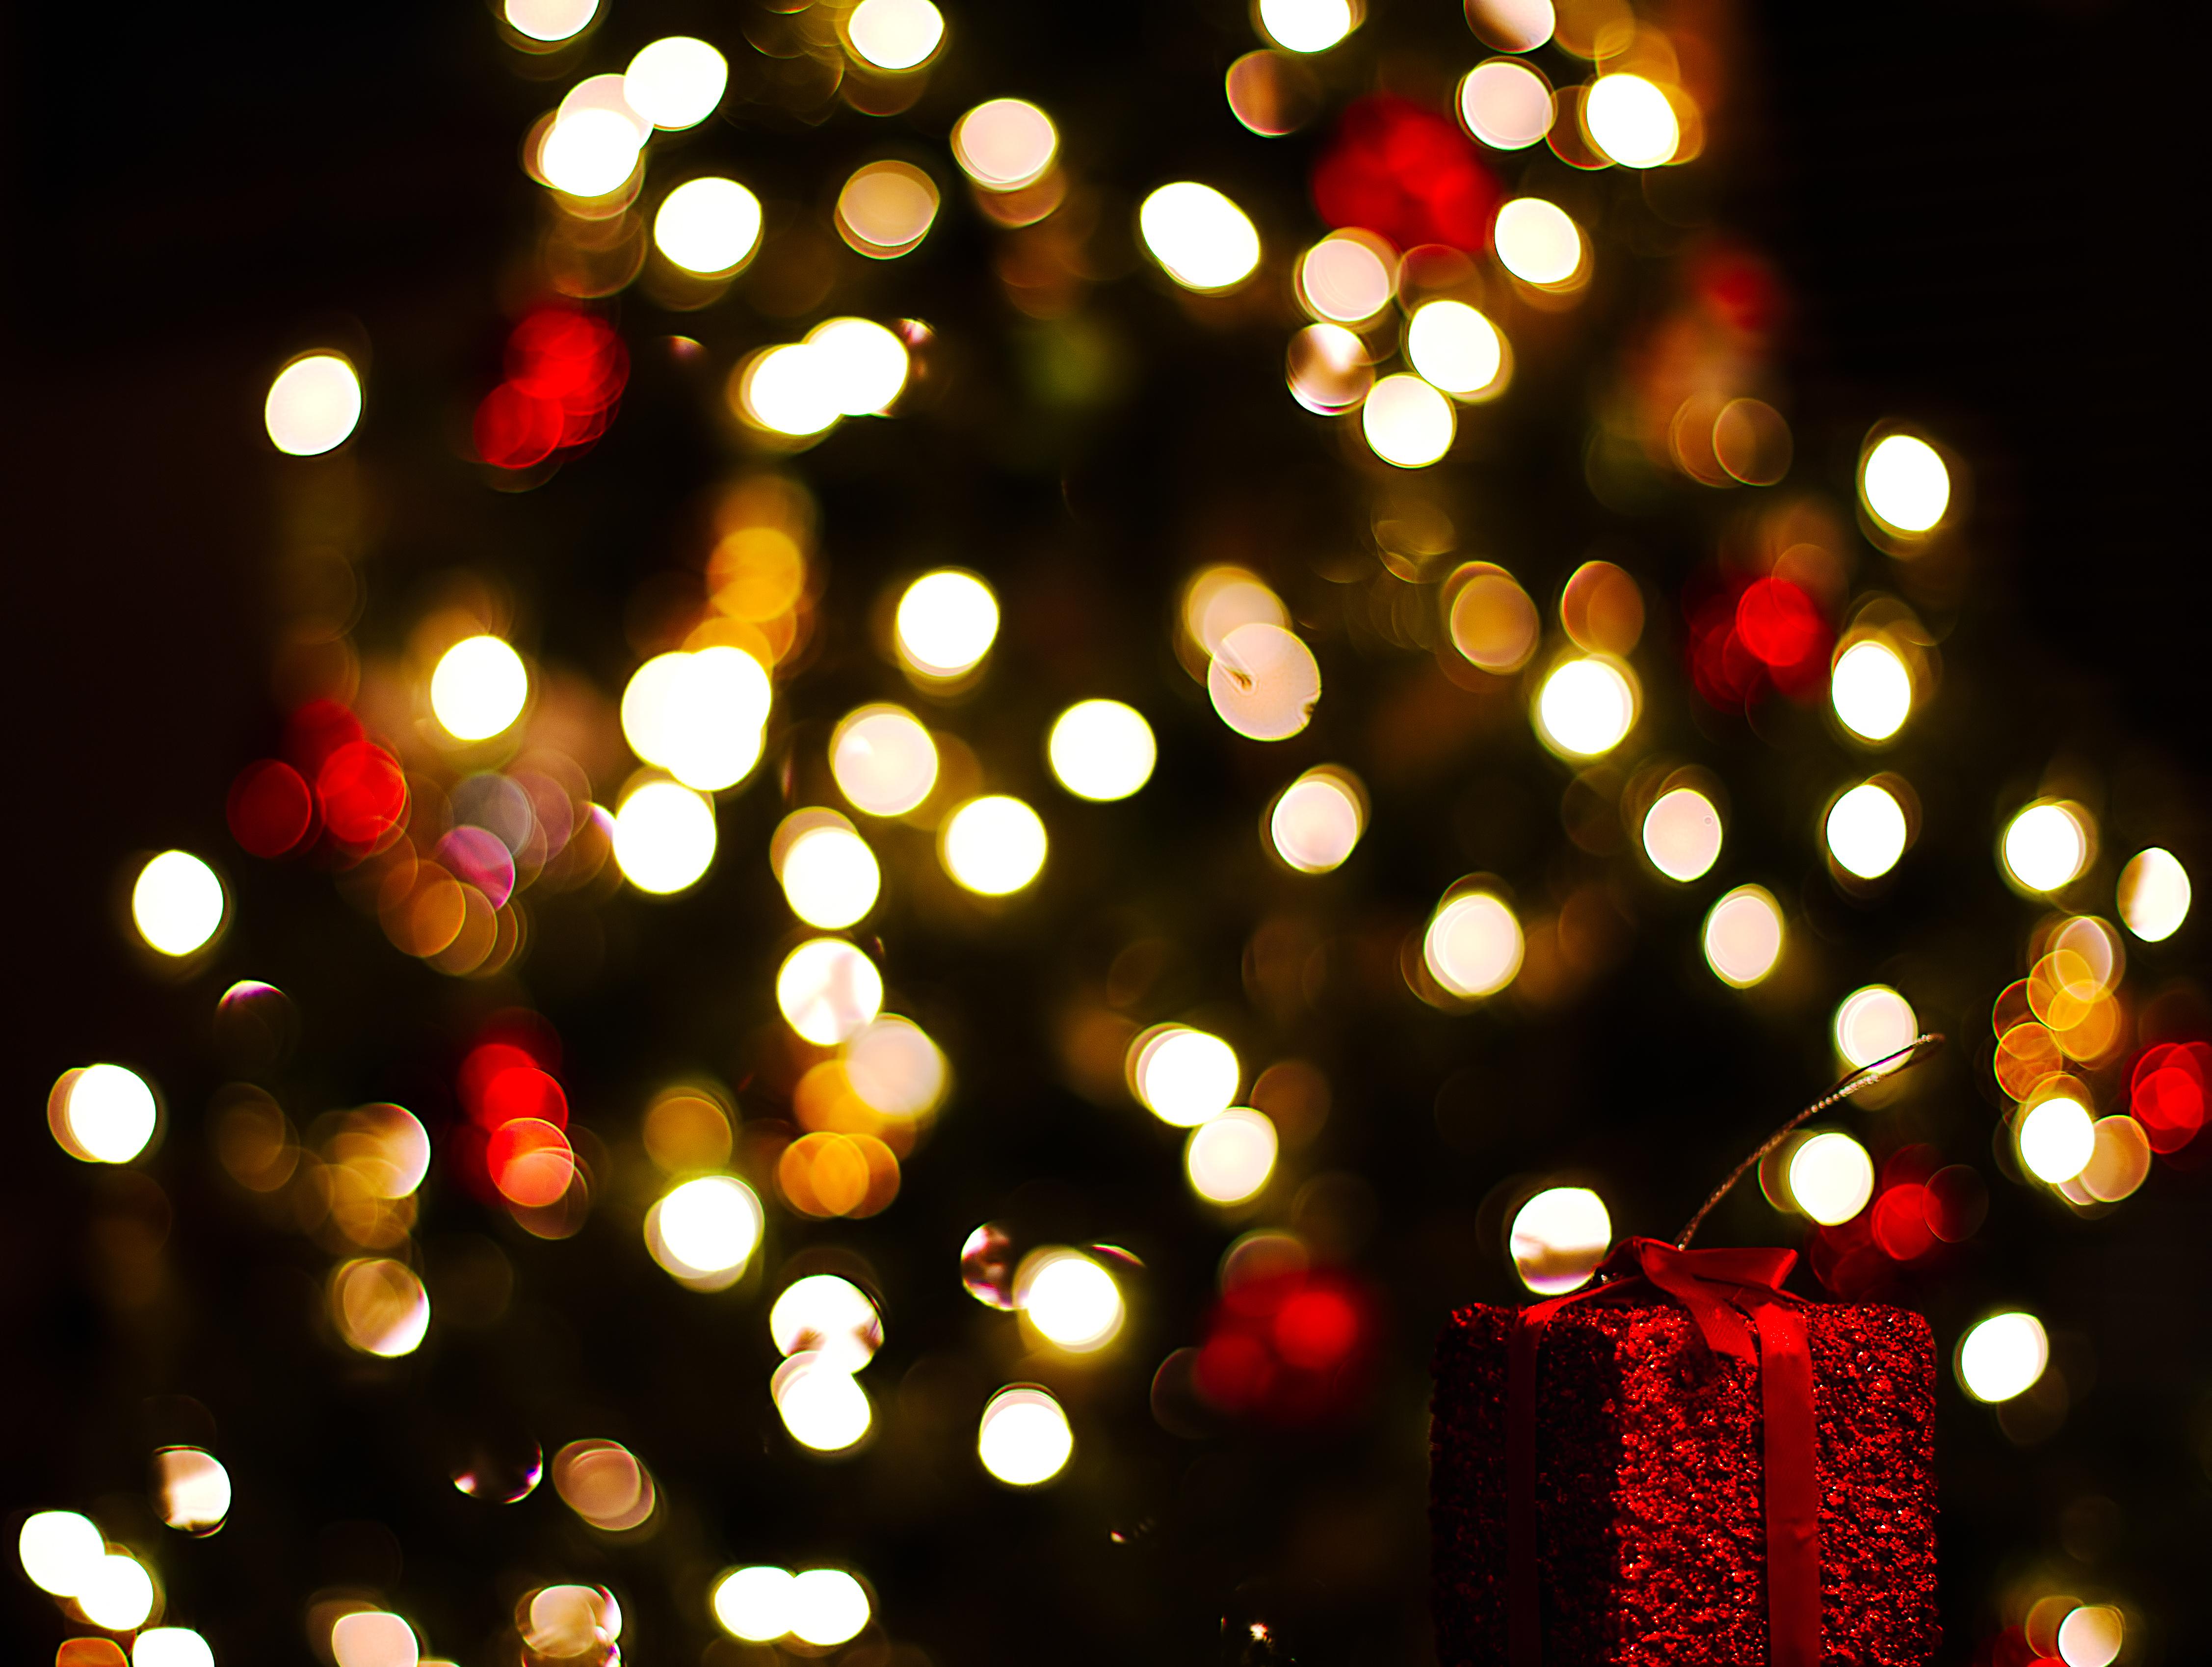 волшебные новогодние чудеса